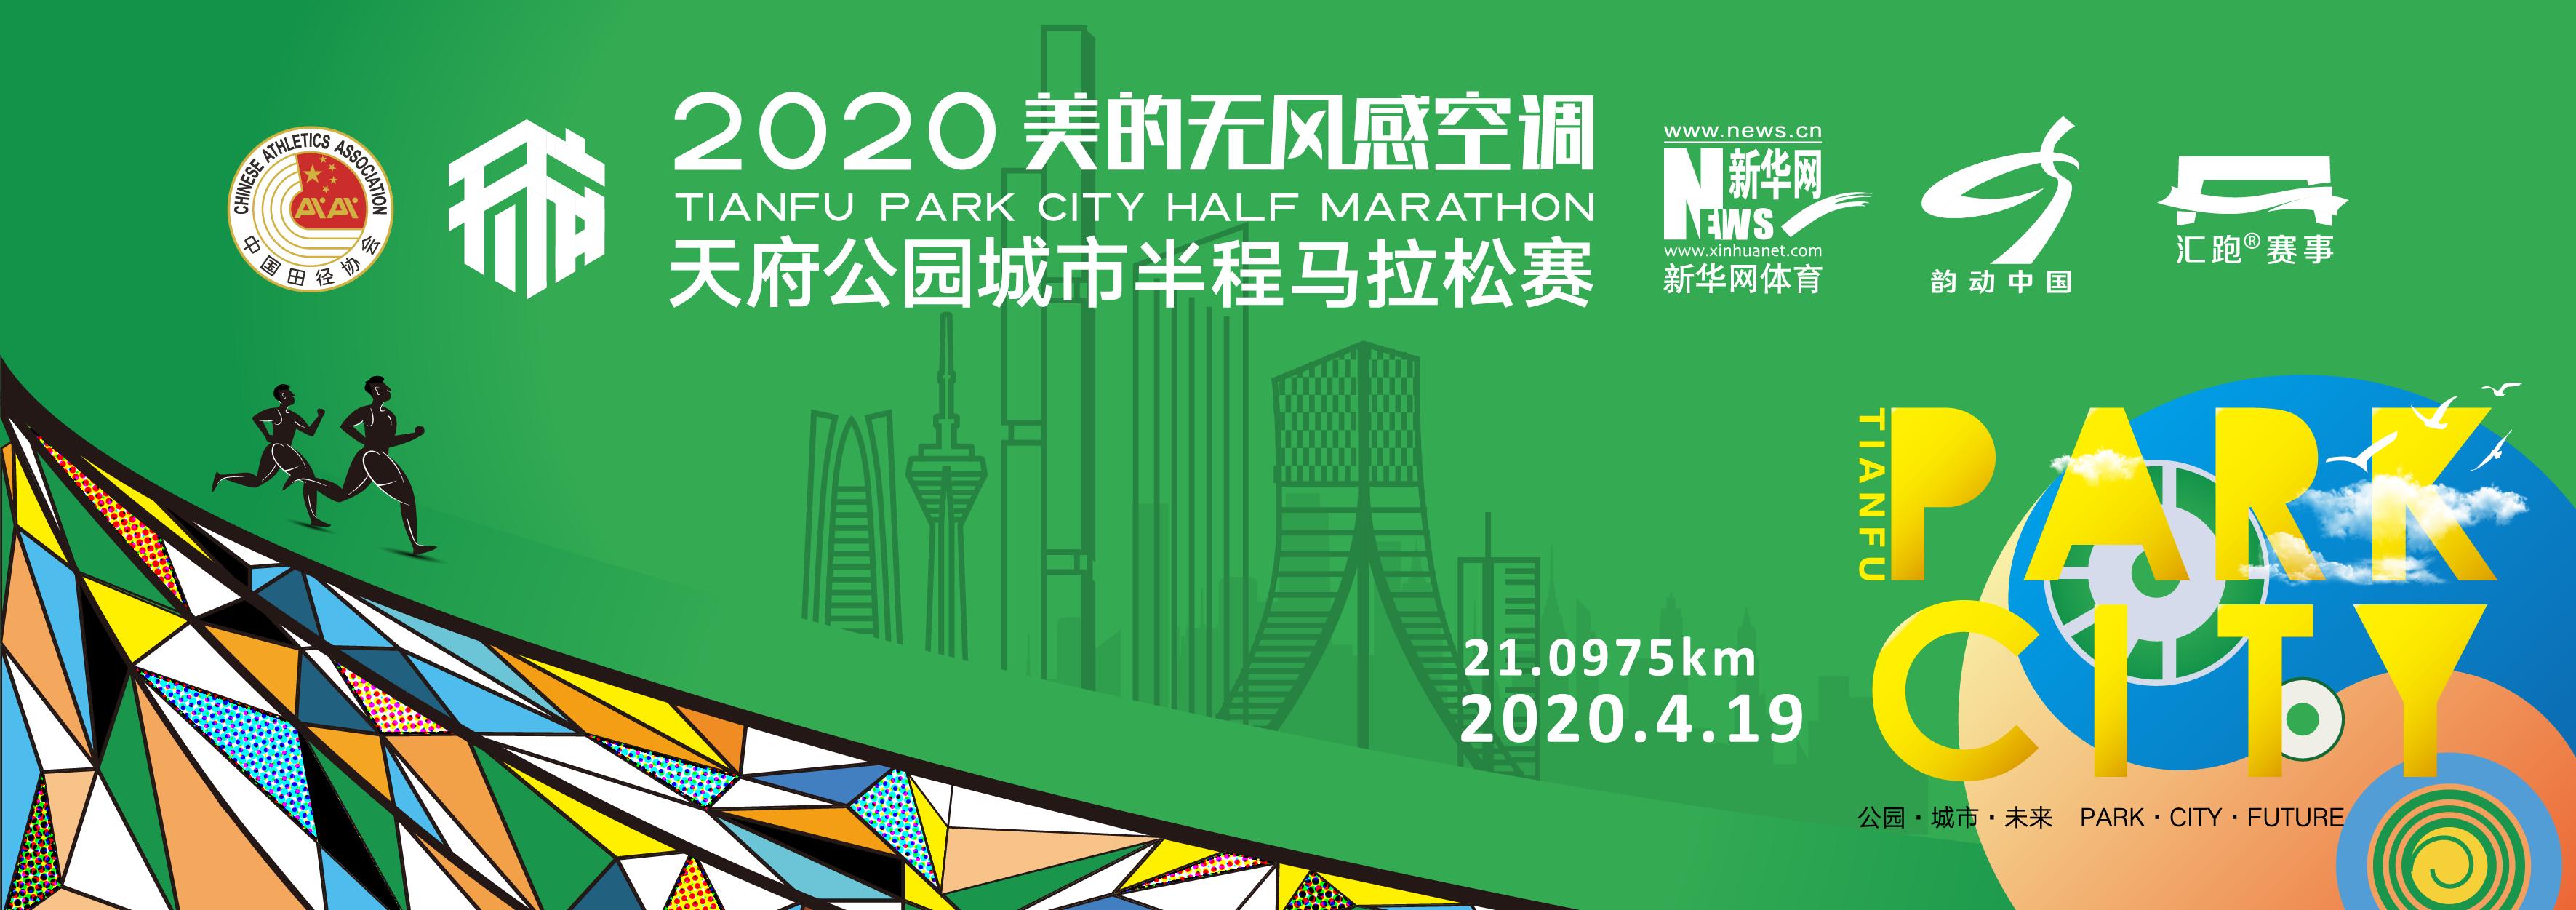 2020天府公园城市半程马拉松